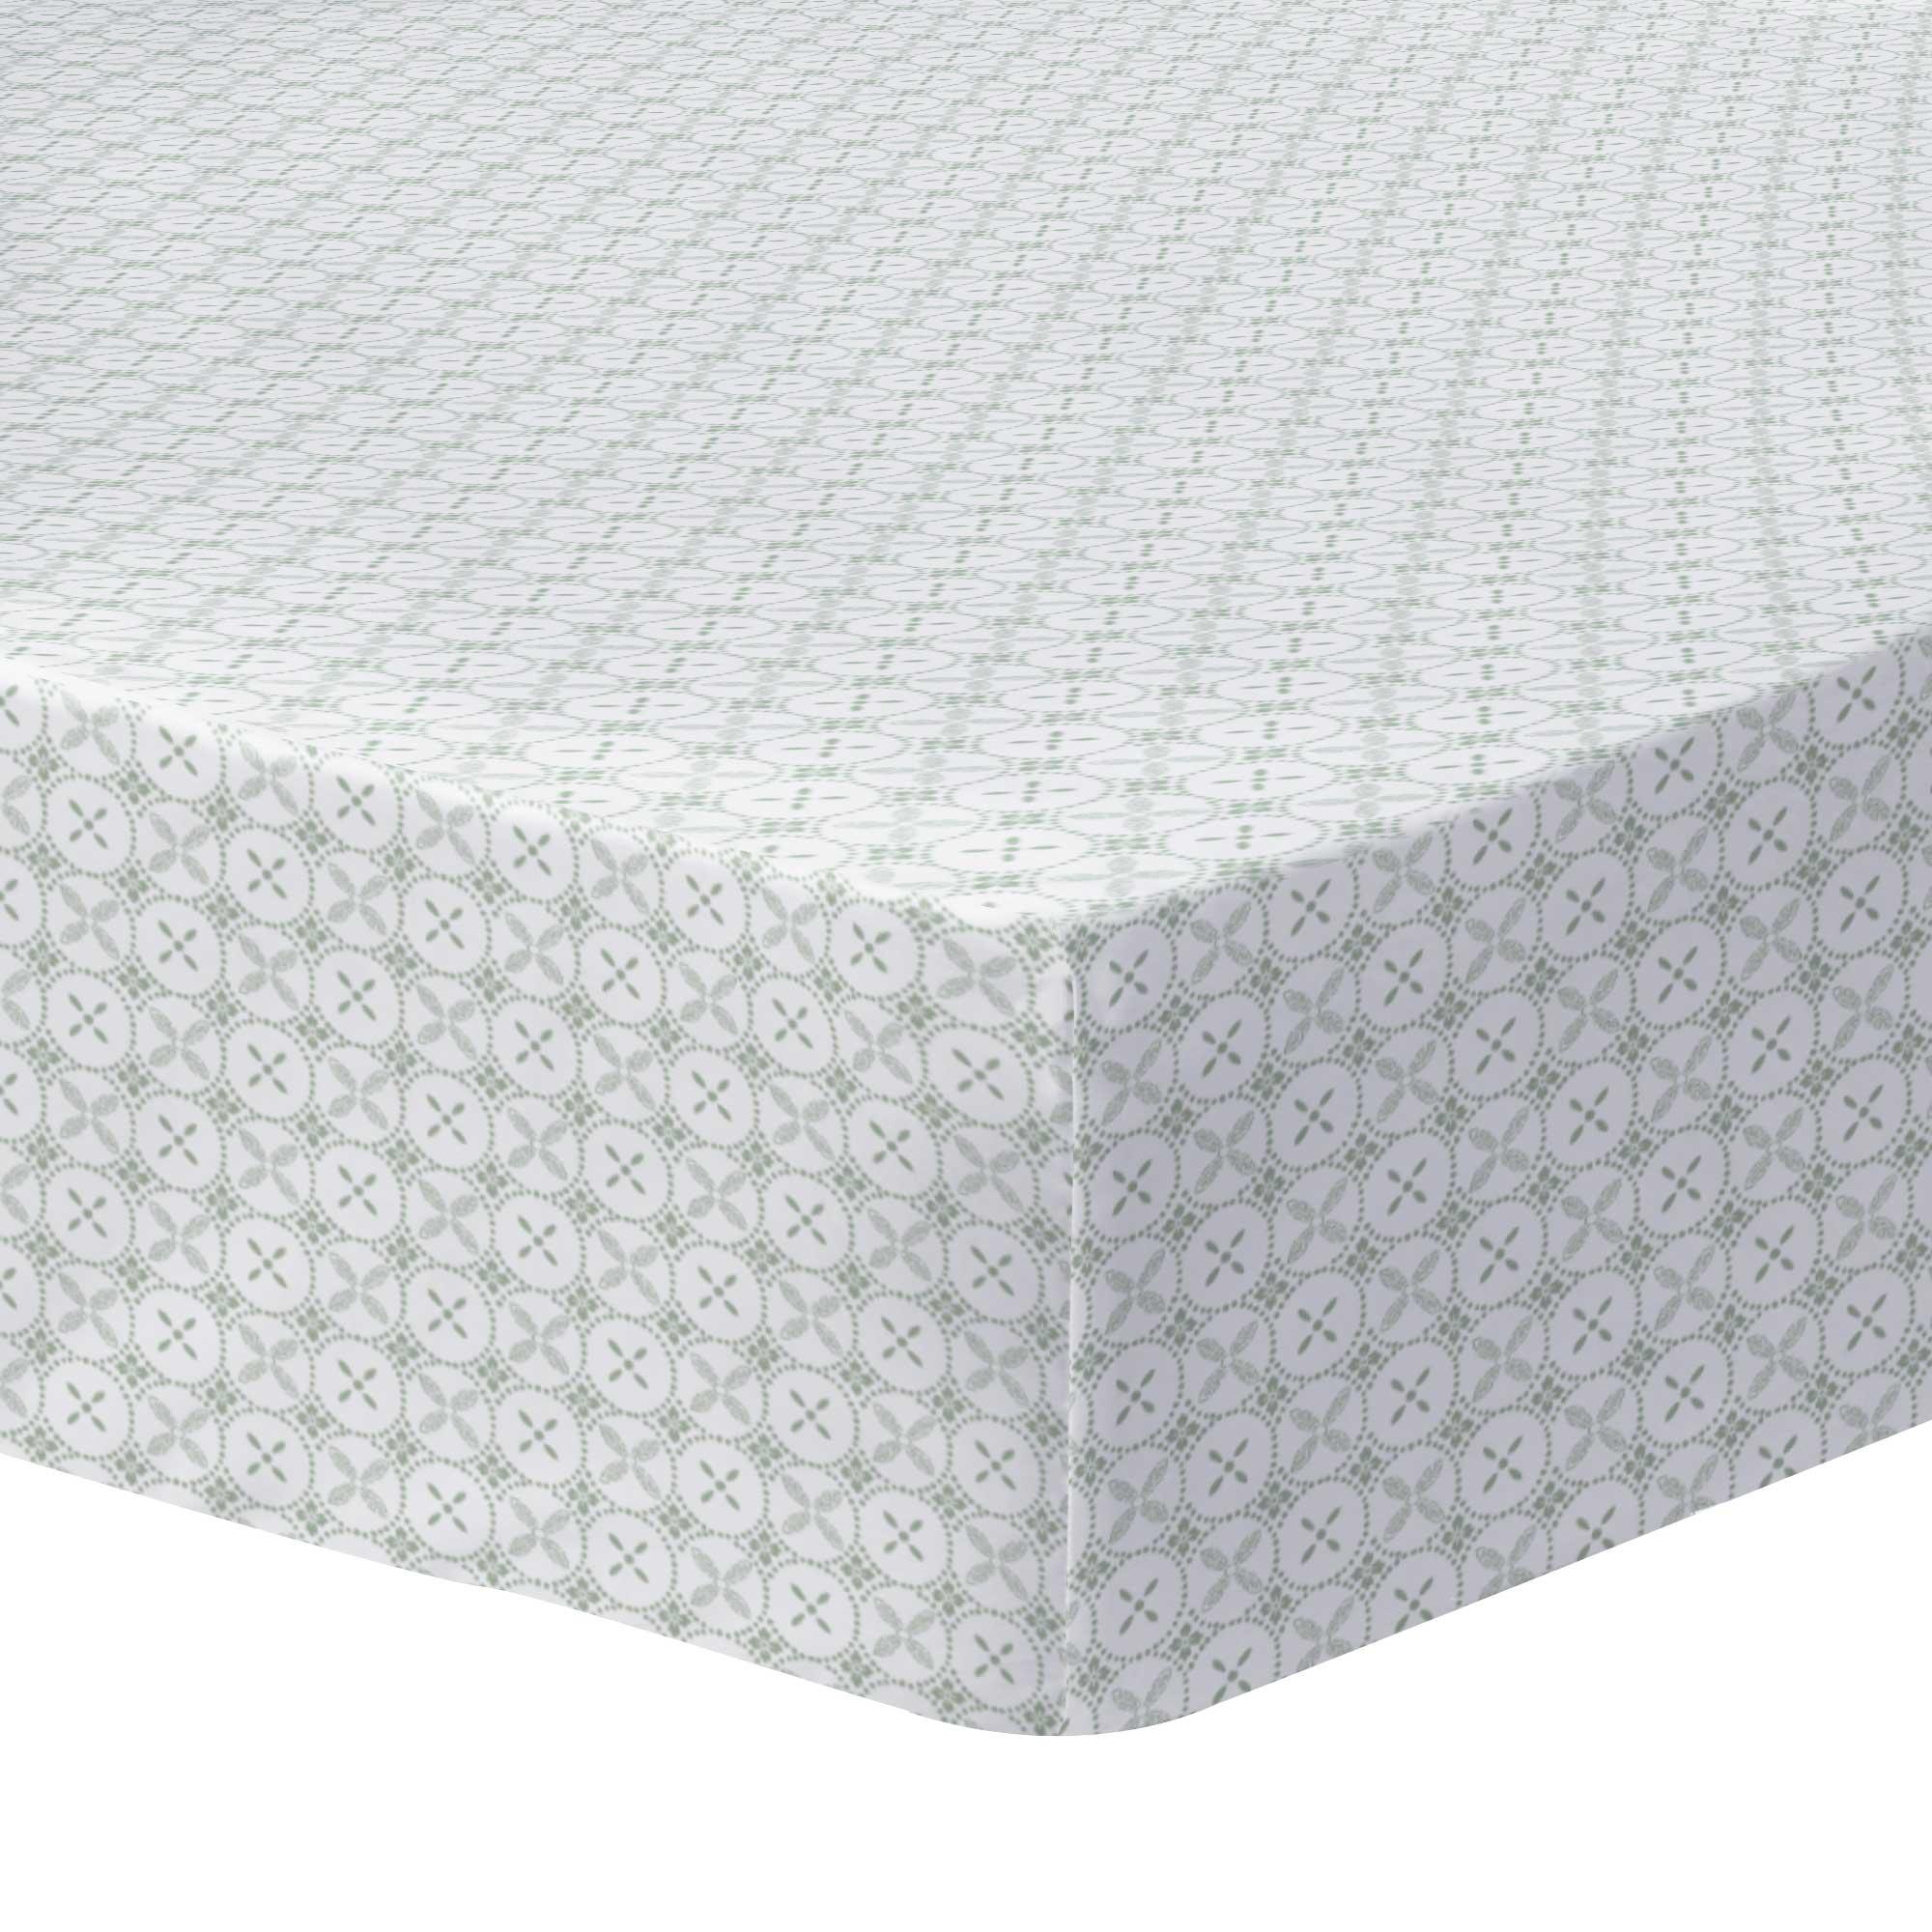 Drap-housse imprimé en coton 140x200 cm